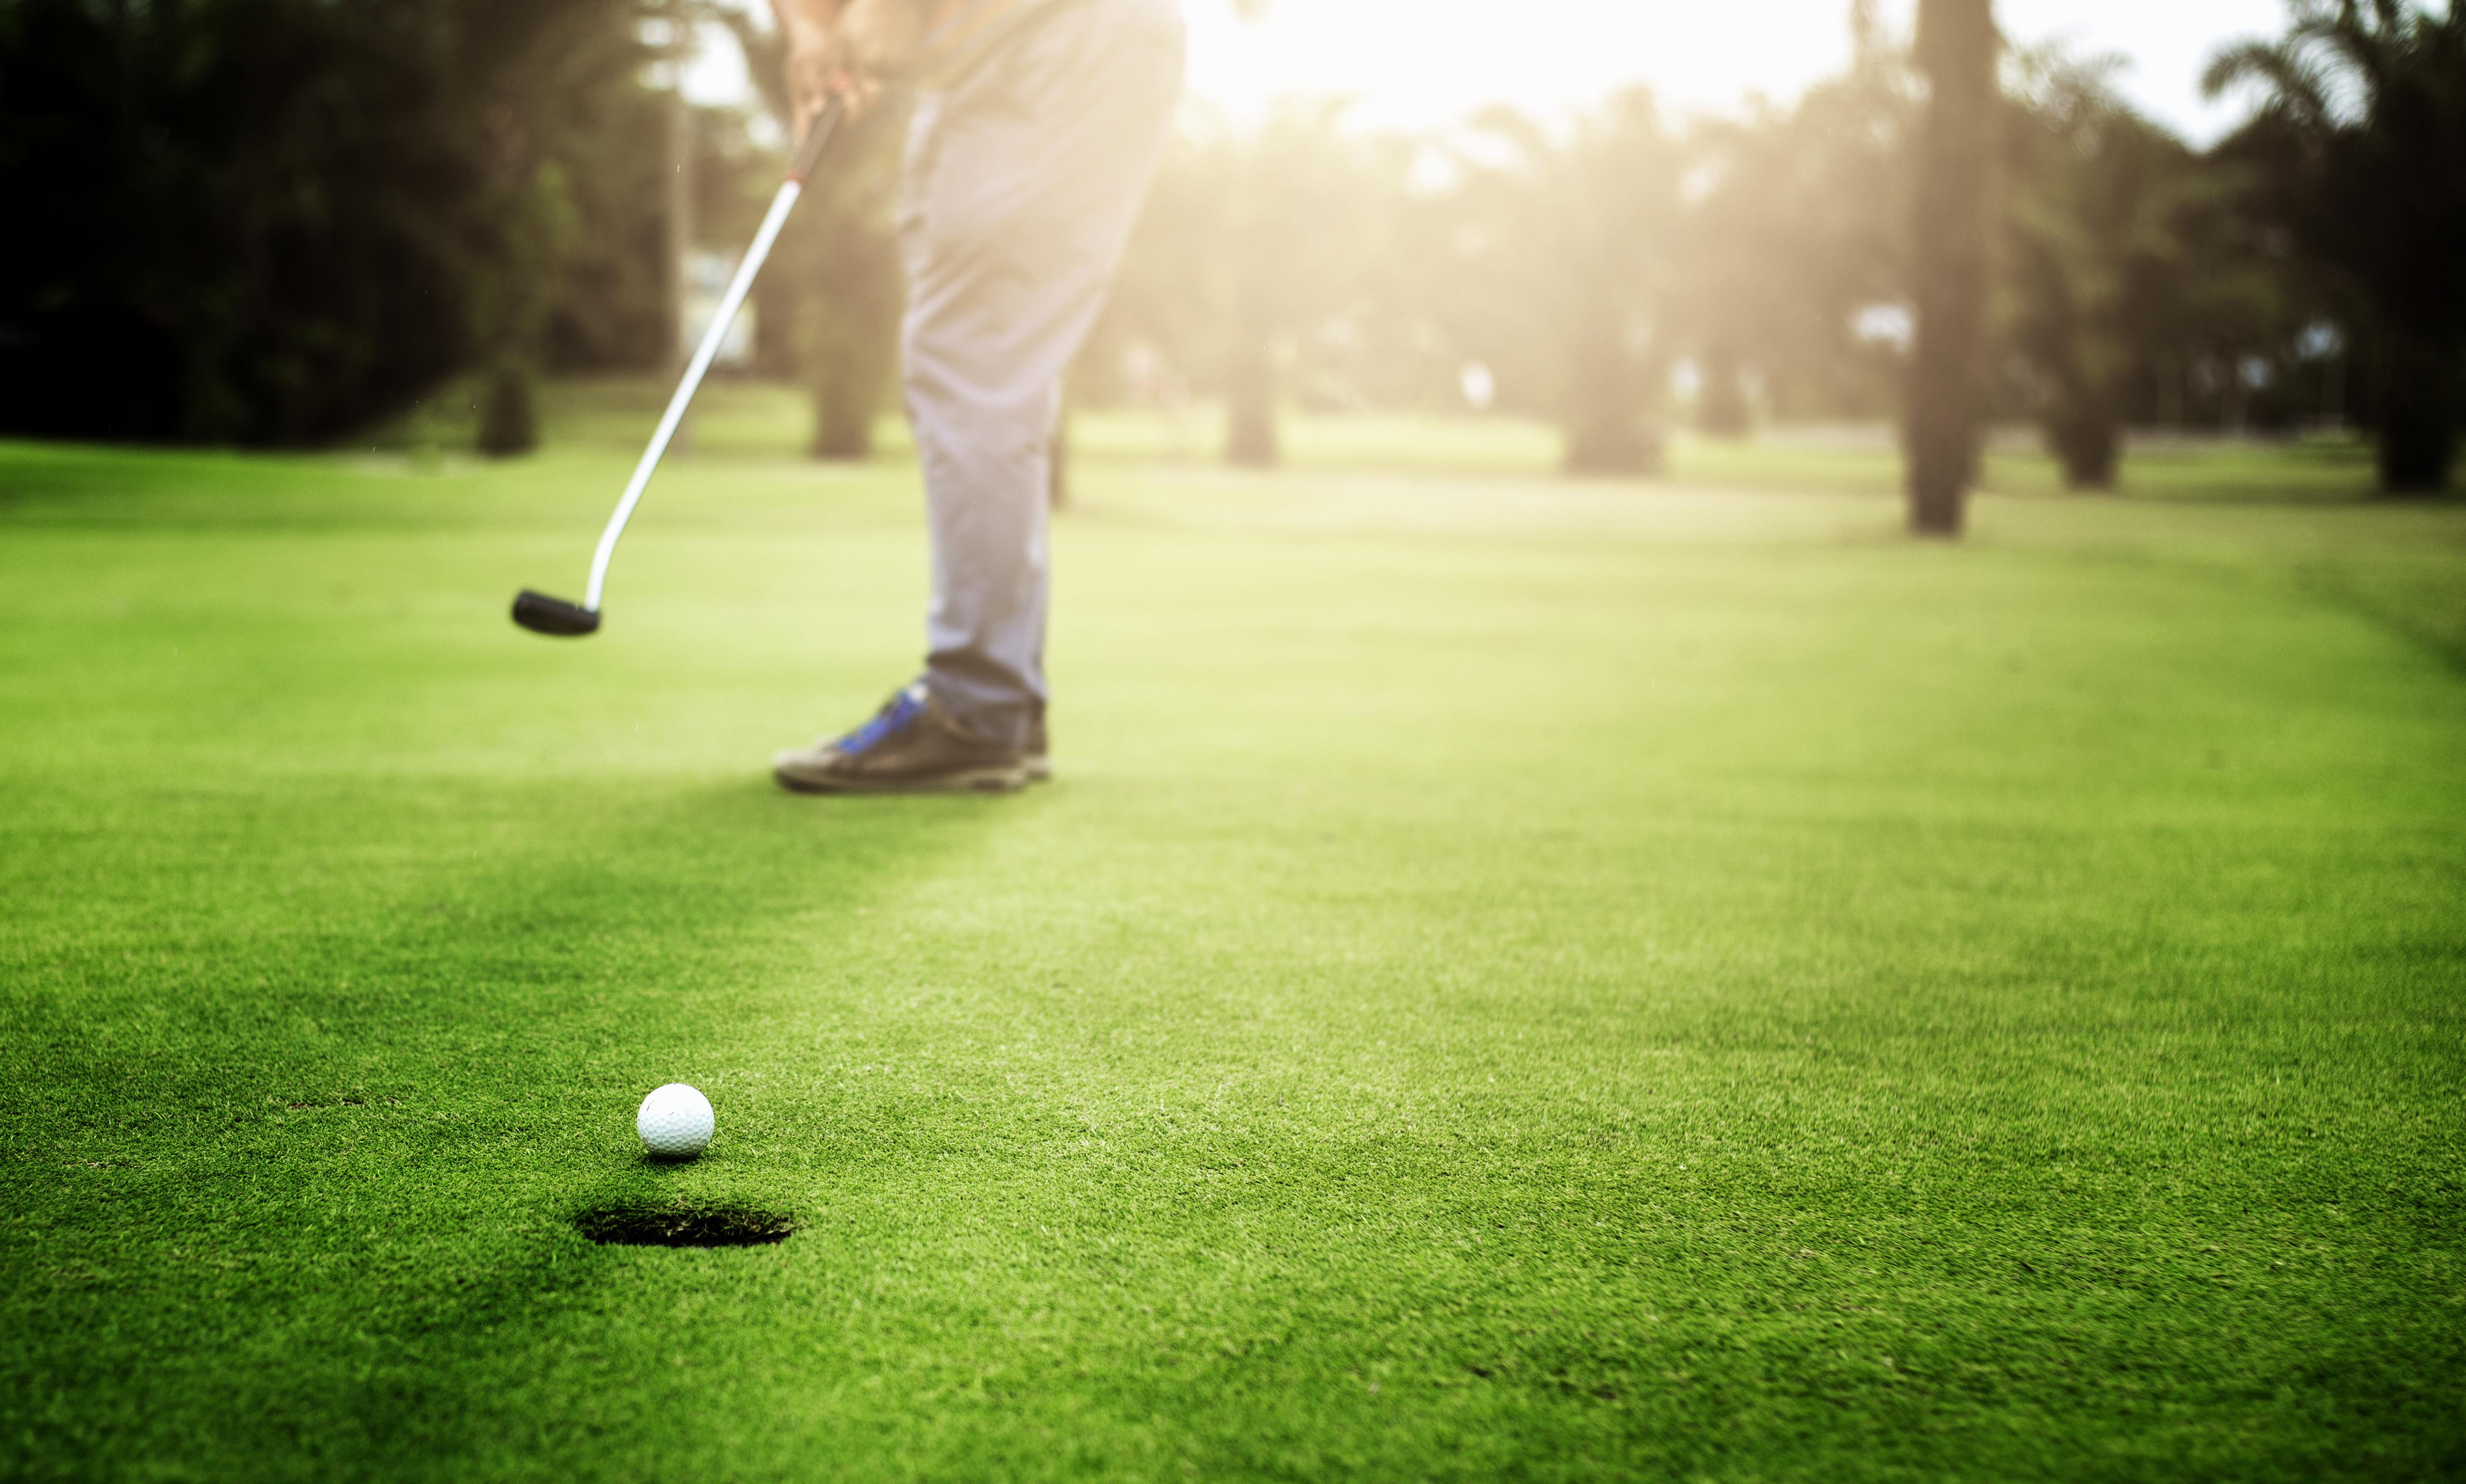 Een man slaat een golfbal richting de hole